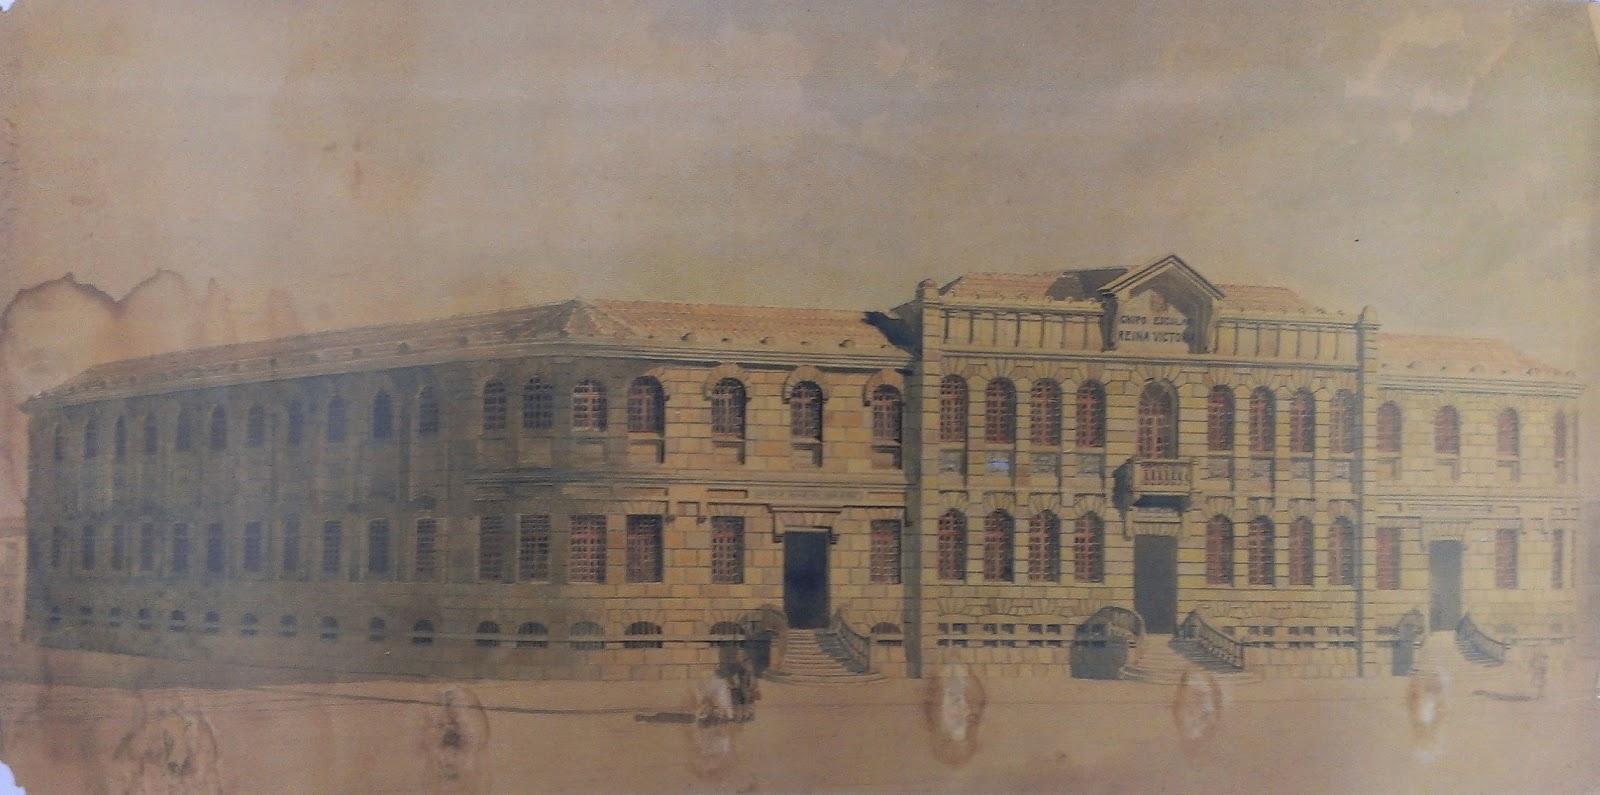 Triana, 1929, Colegio Reina Victoria